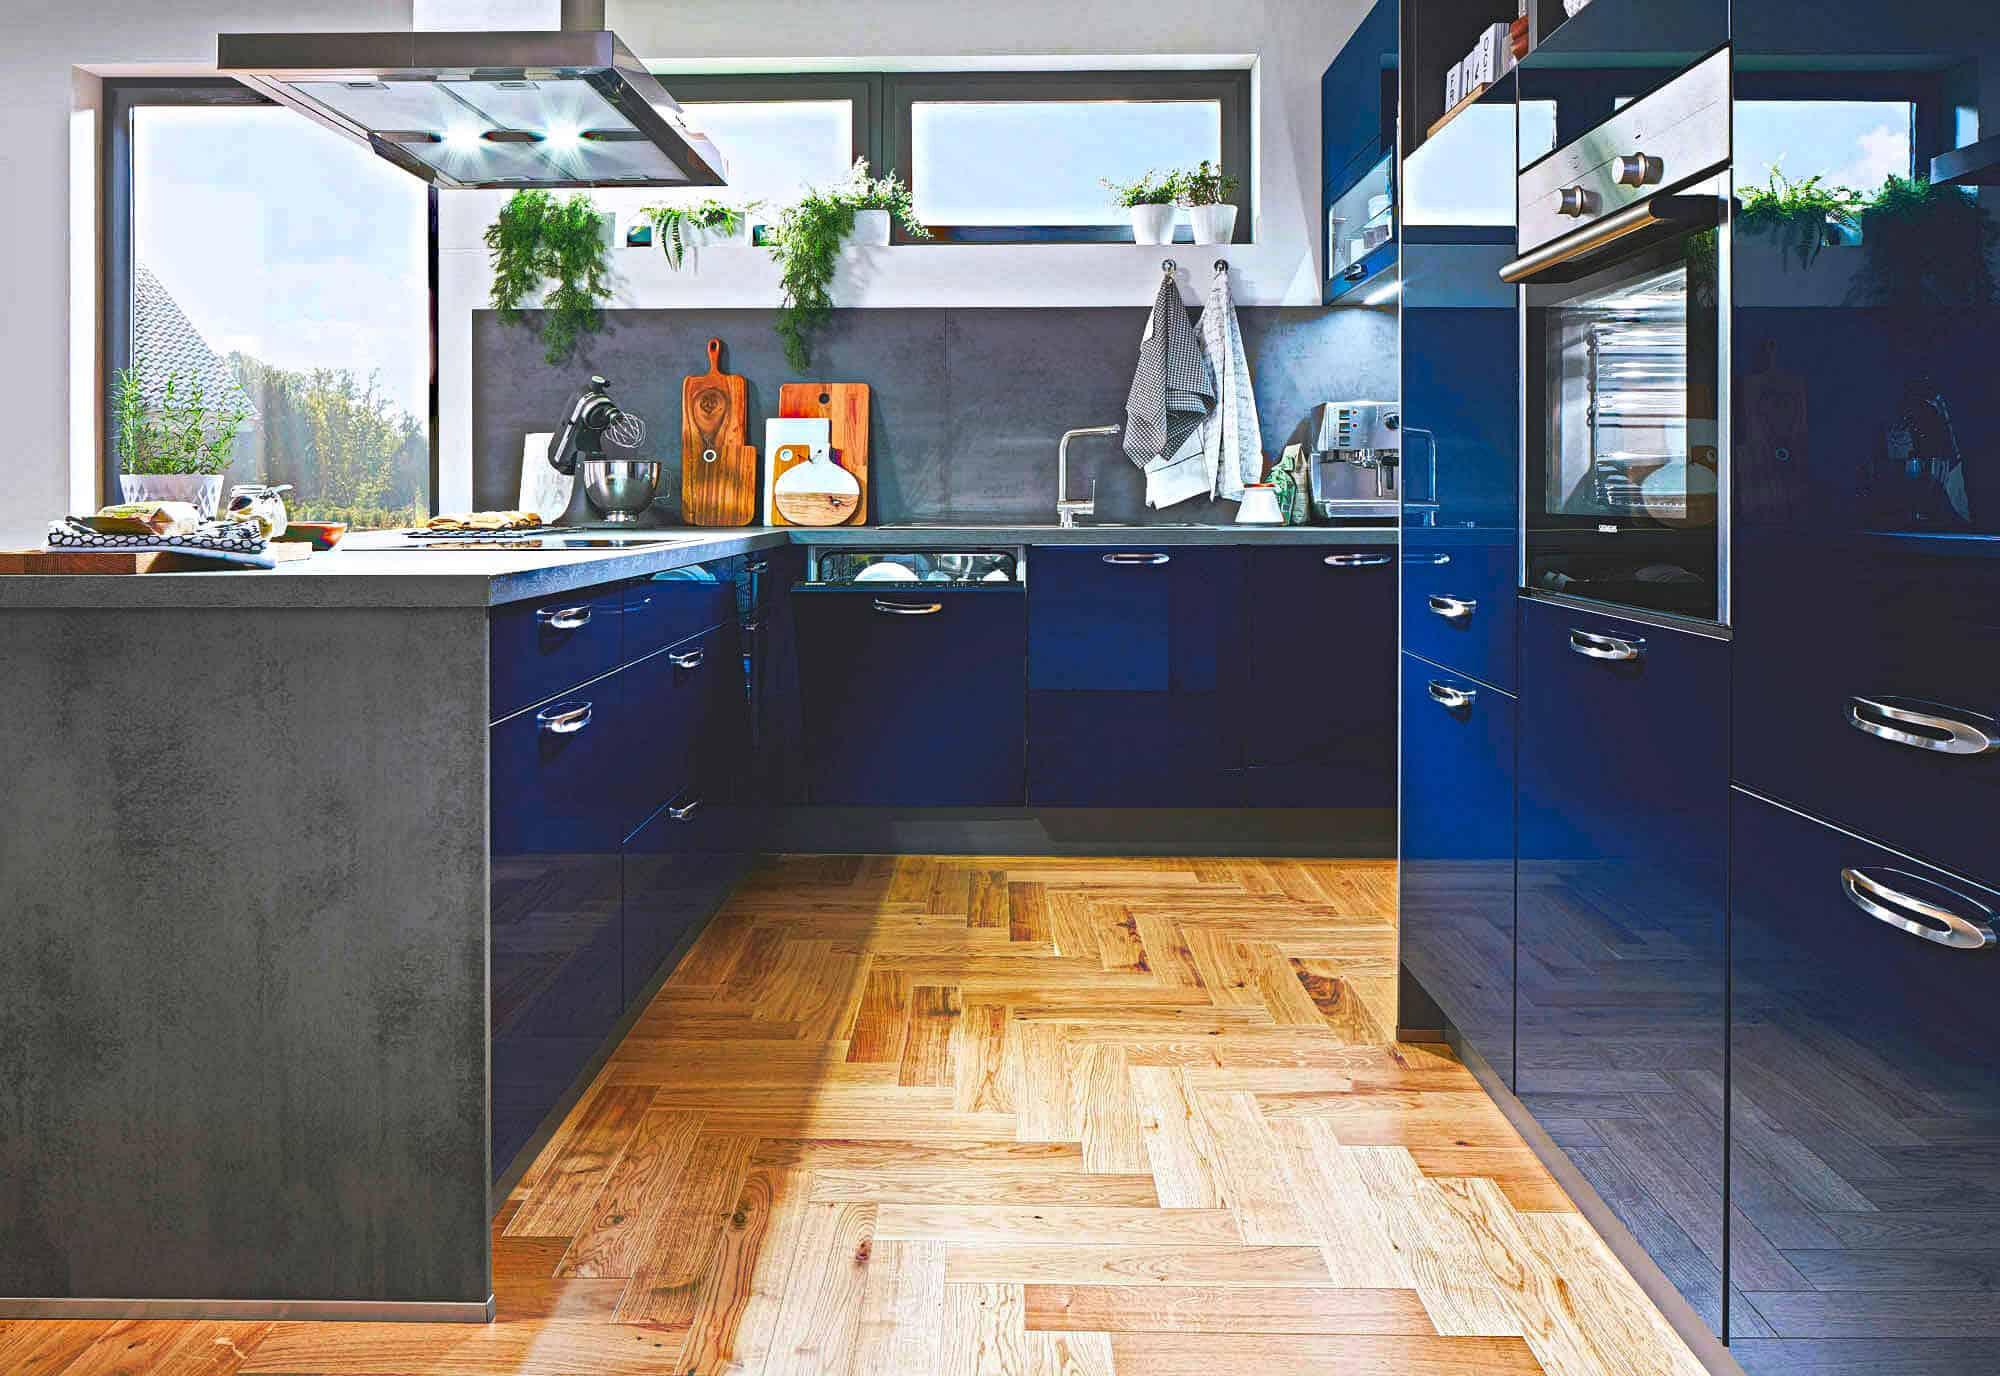 Niedlich Blau Schränke Küche Ideen - Ideen Für Die Küche Dekoration ...